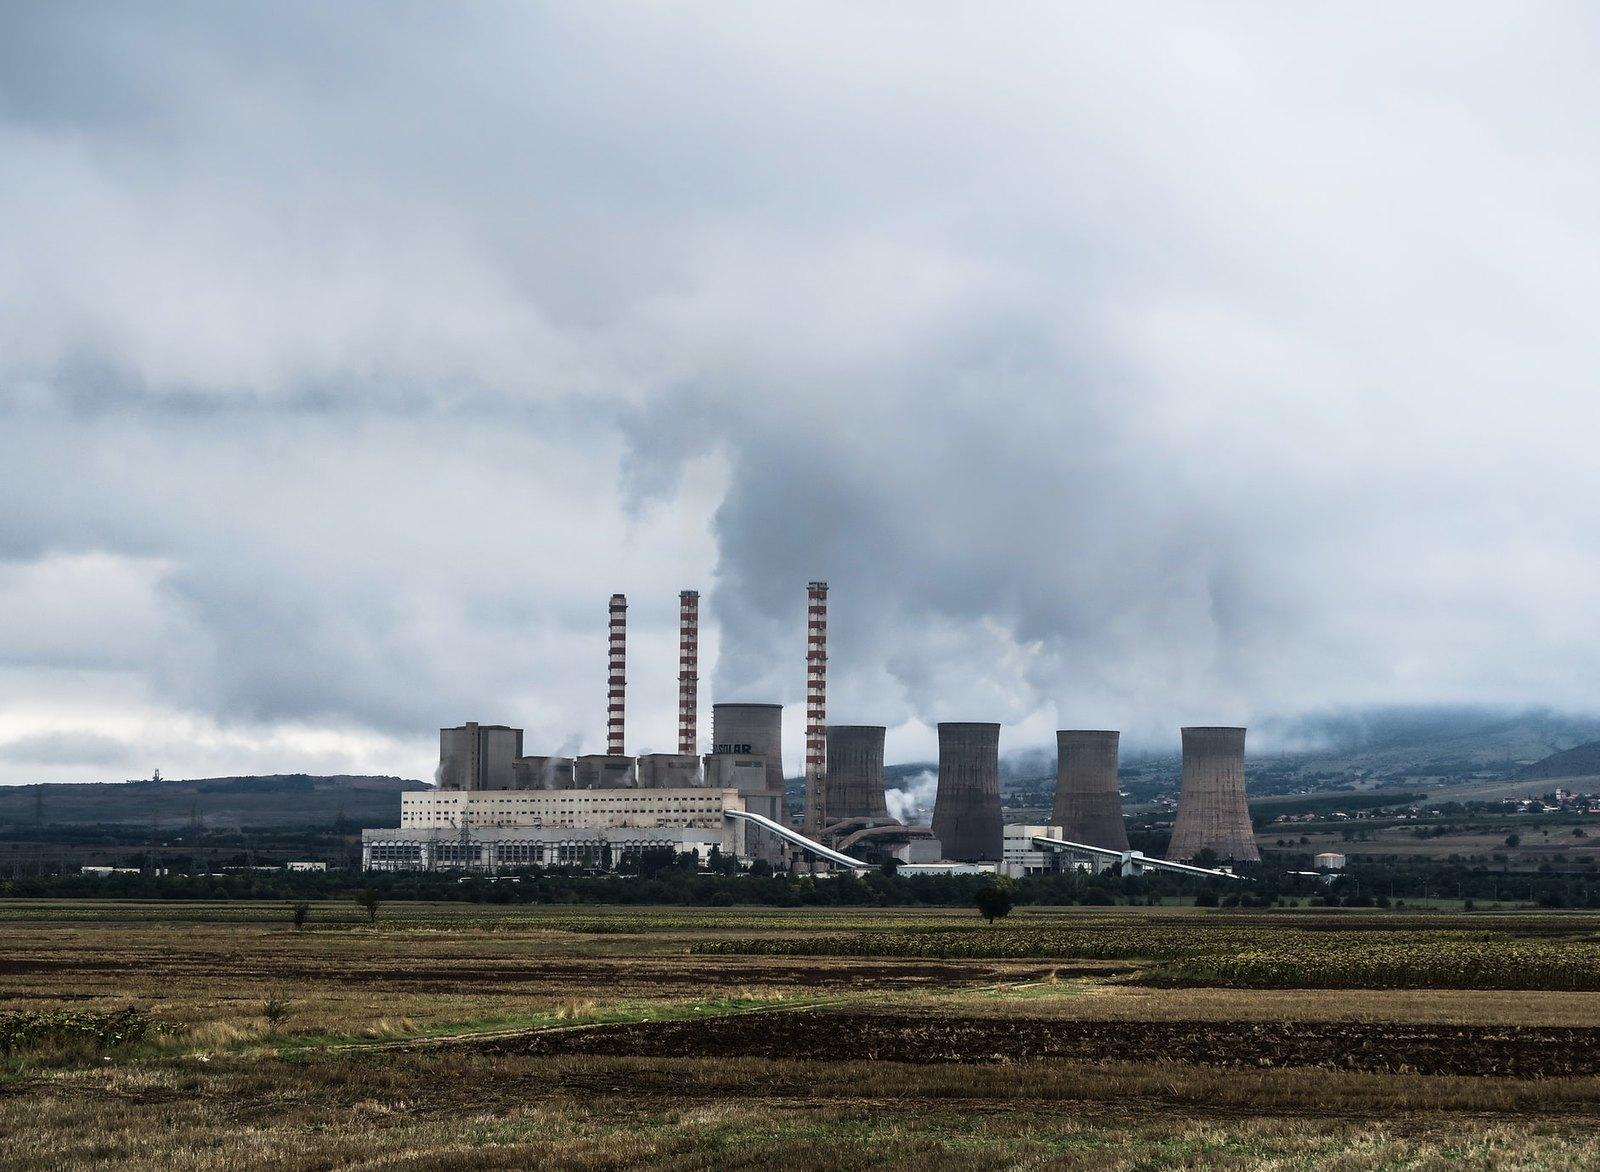 Hozzá lehetne szoktatni a Földet a klímaváltozáshoz, csak nem lenne olcsó